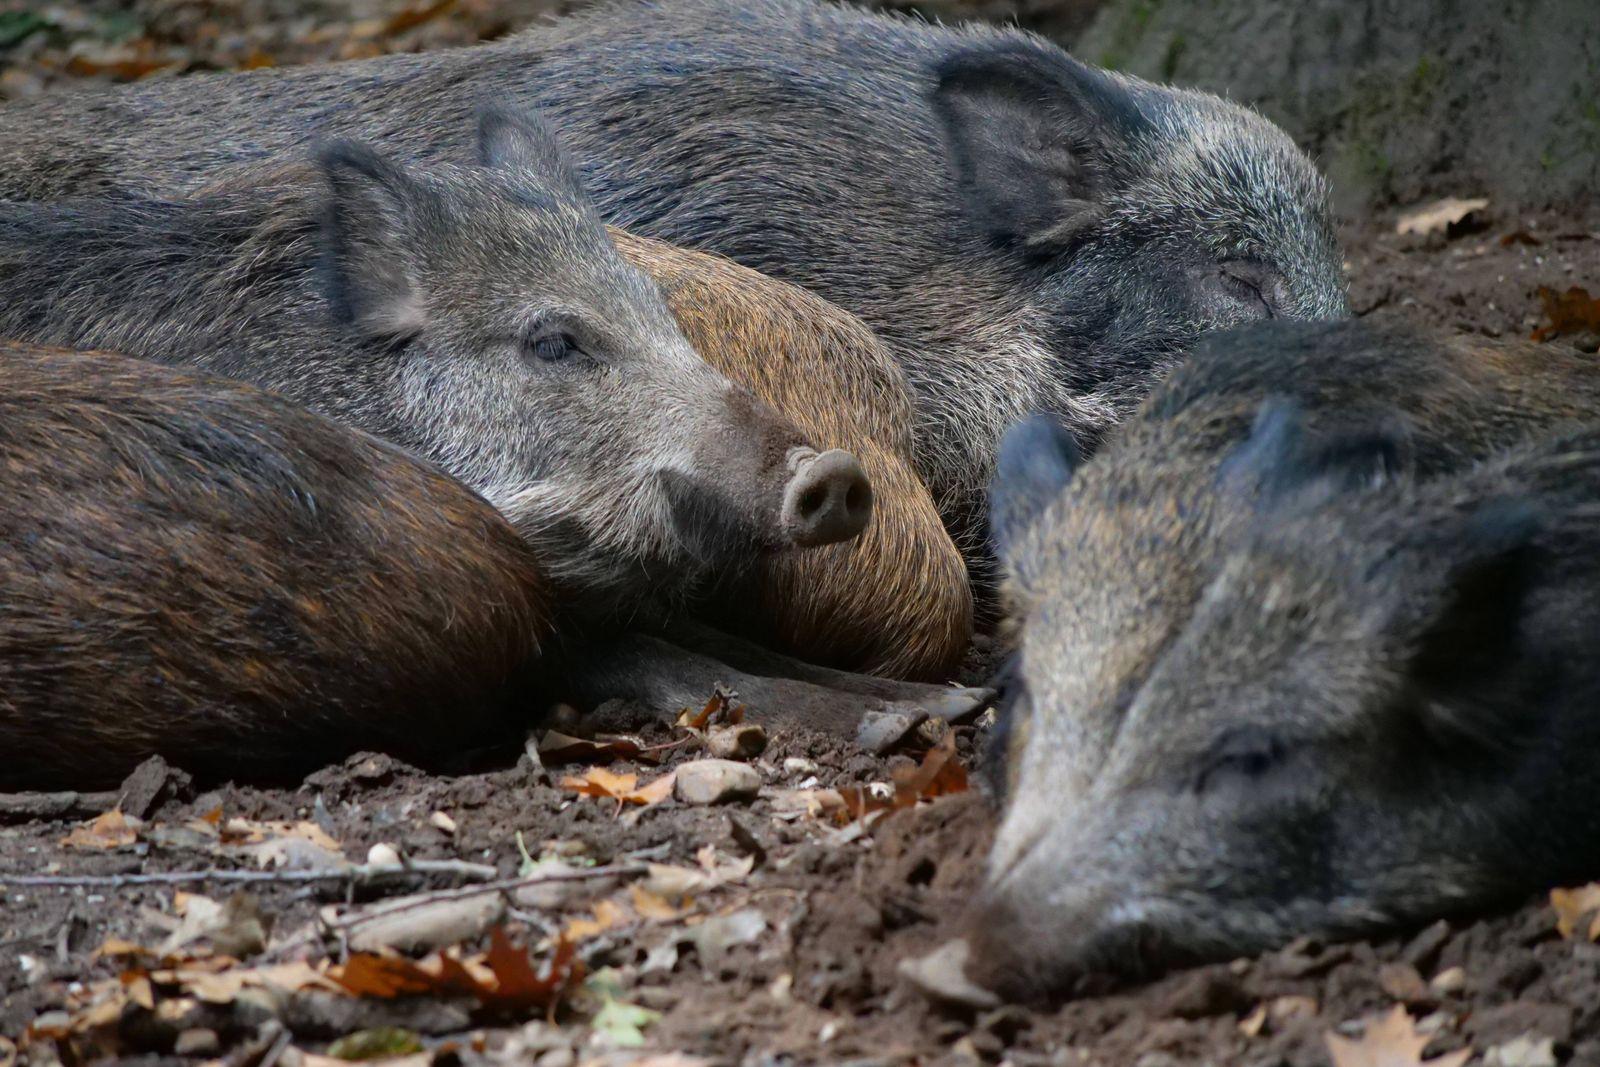 Wildschweine in verschidenen Aktionen. Wildschweine *** Wild boars in different actions Wild boars